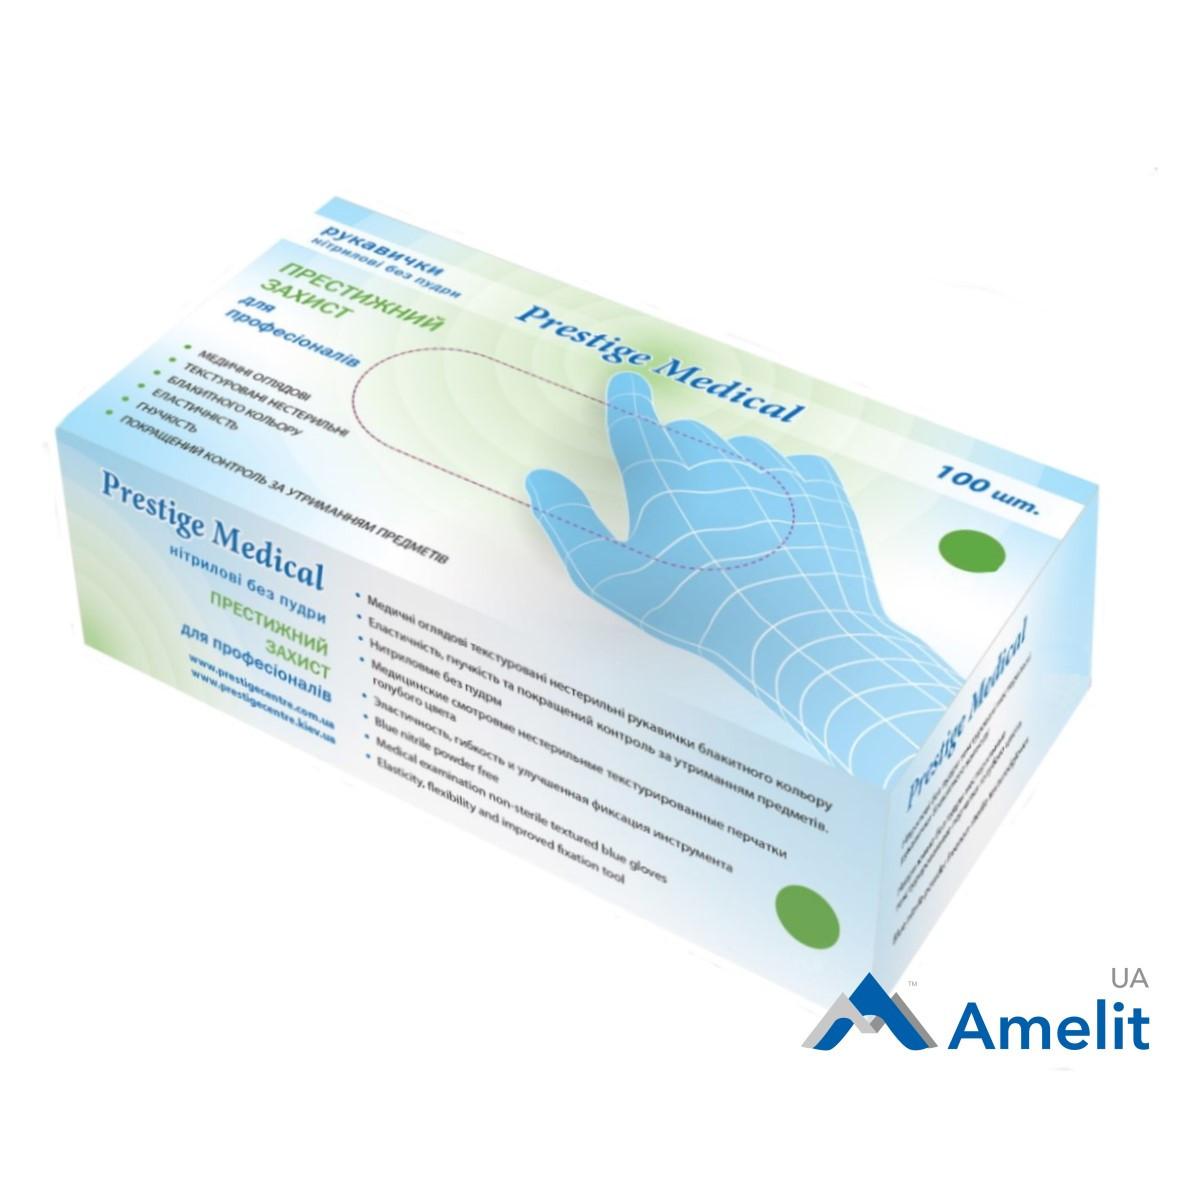 Перчатки нитриловые, голубые, размер «XS» (Prestige Medical), 50 пар/упак.